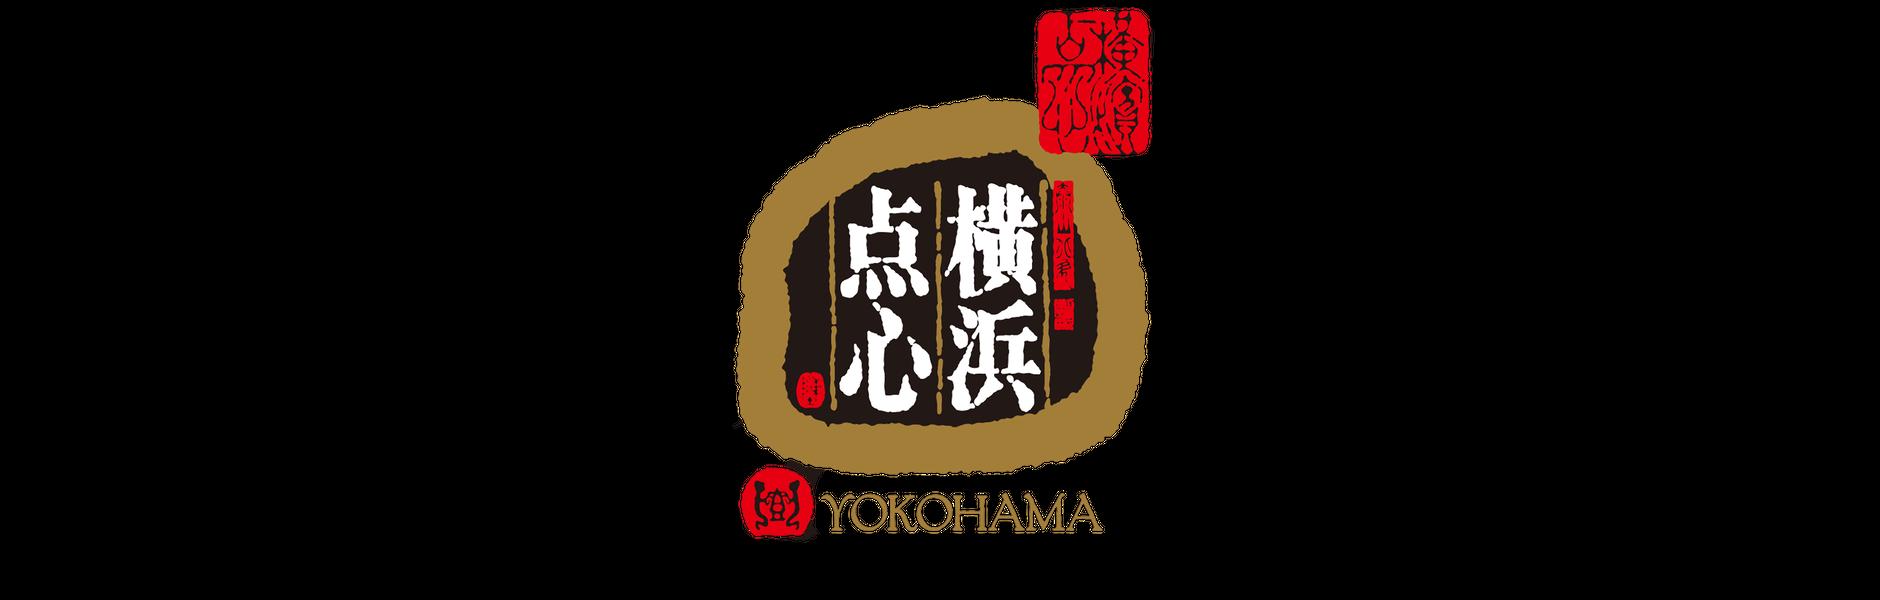 横浜点心|シュウマイ・中華料理のオンラインショップ|株式会社千代田フーズ